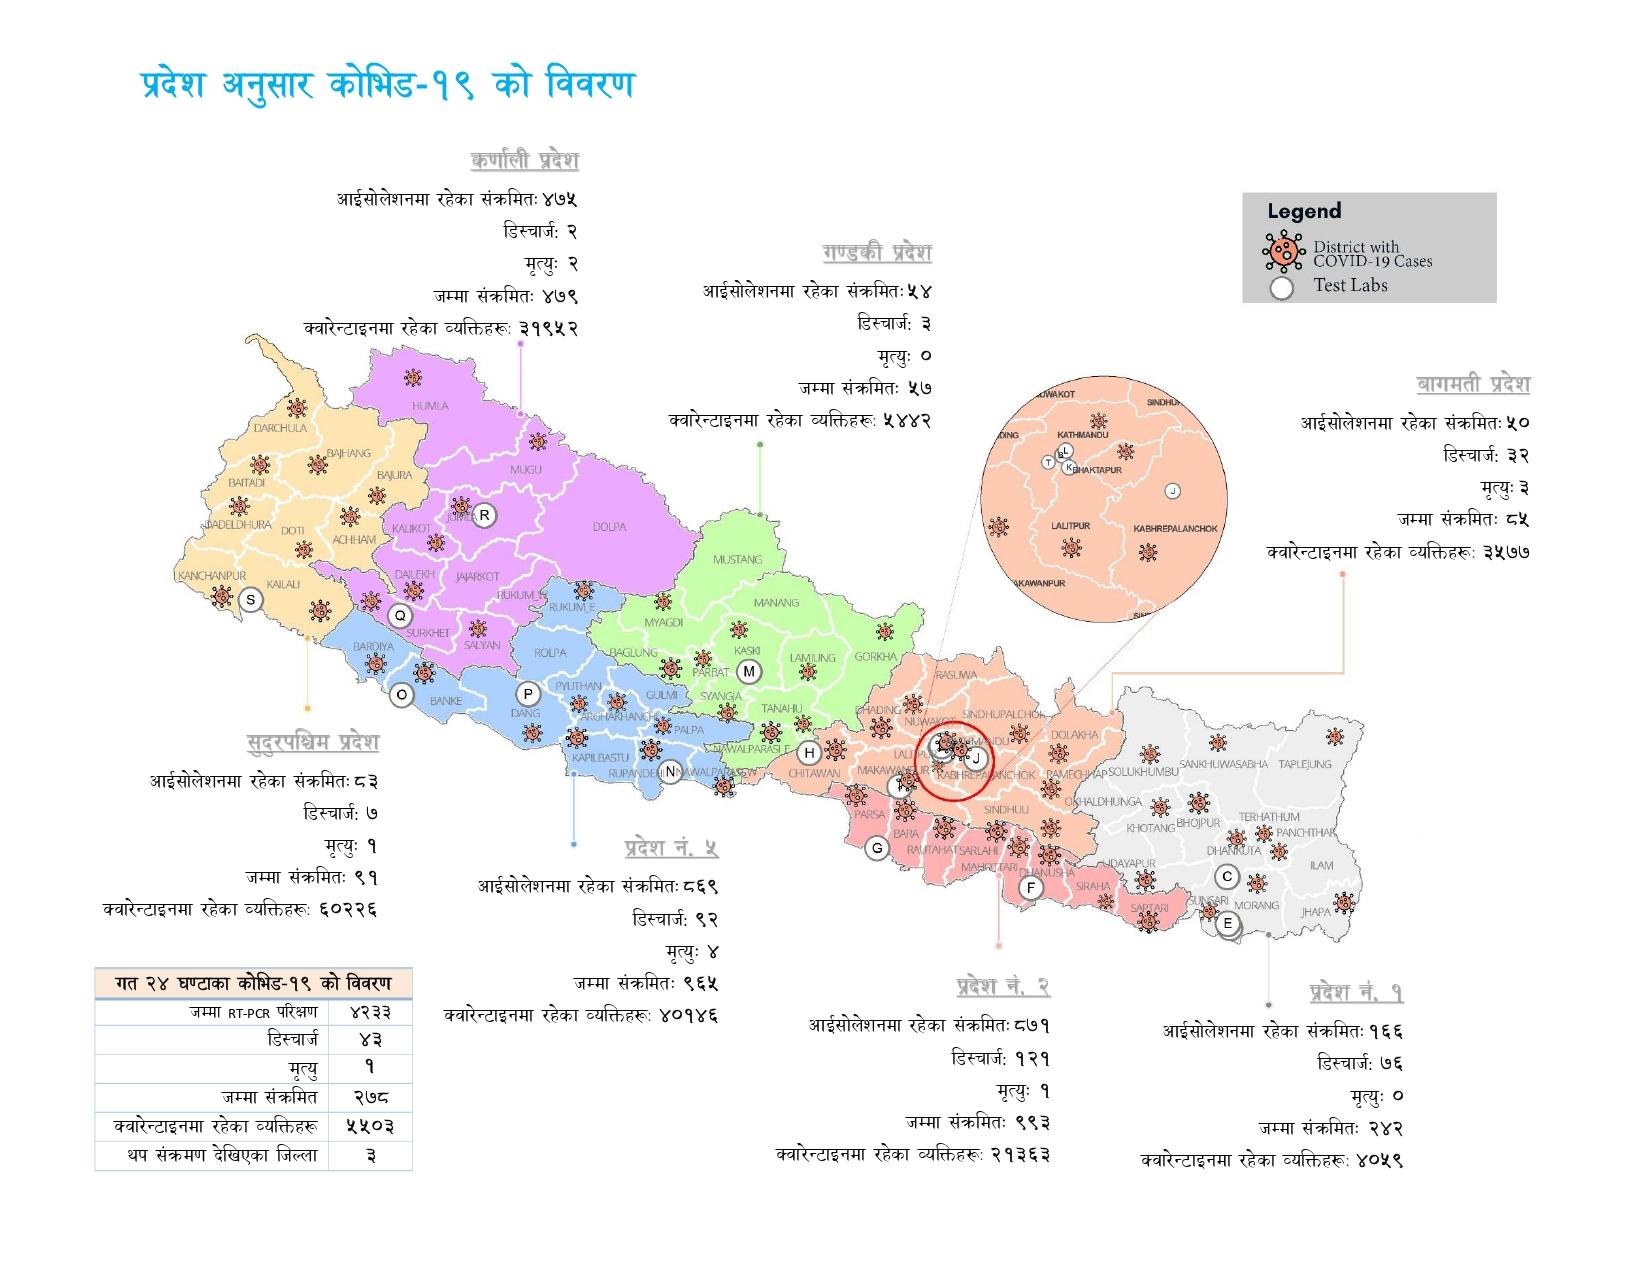 ६८ जिल्लामा फैलियो कोरोना, संक्रमितको संख्या ३ हजार नजिक